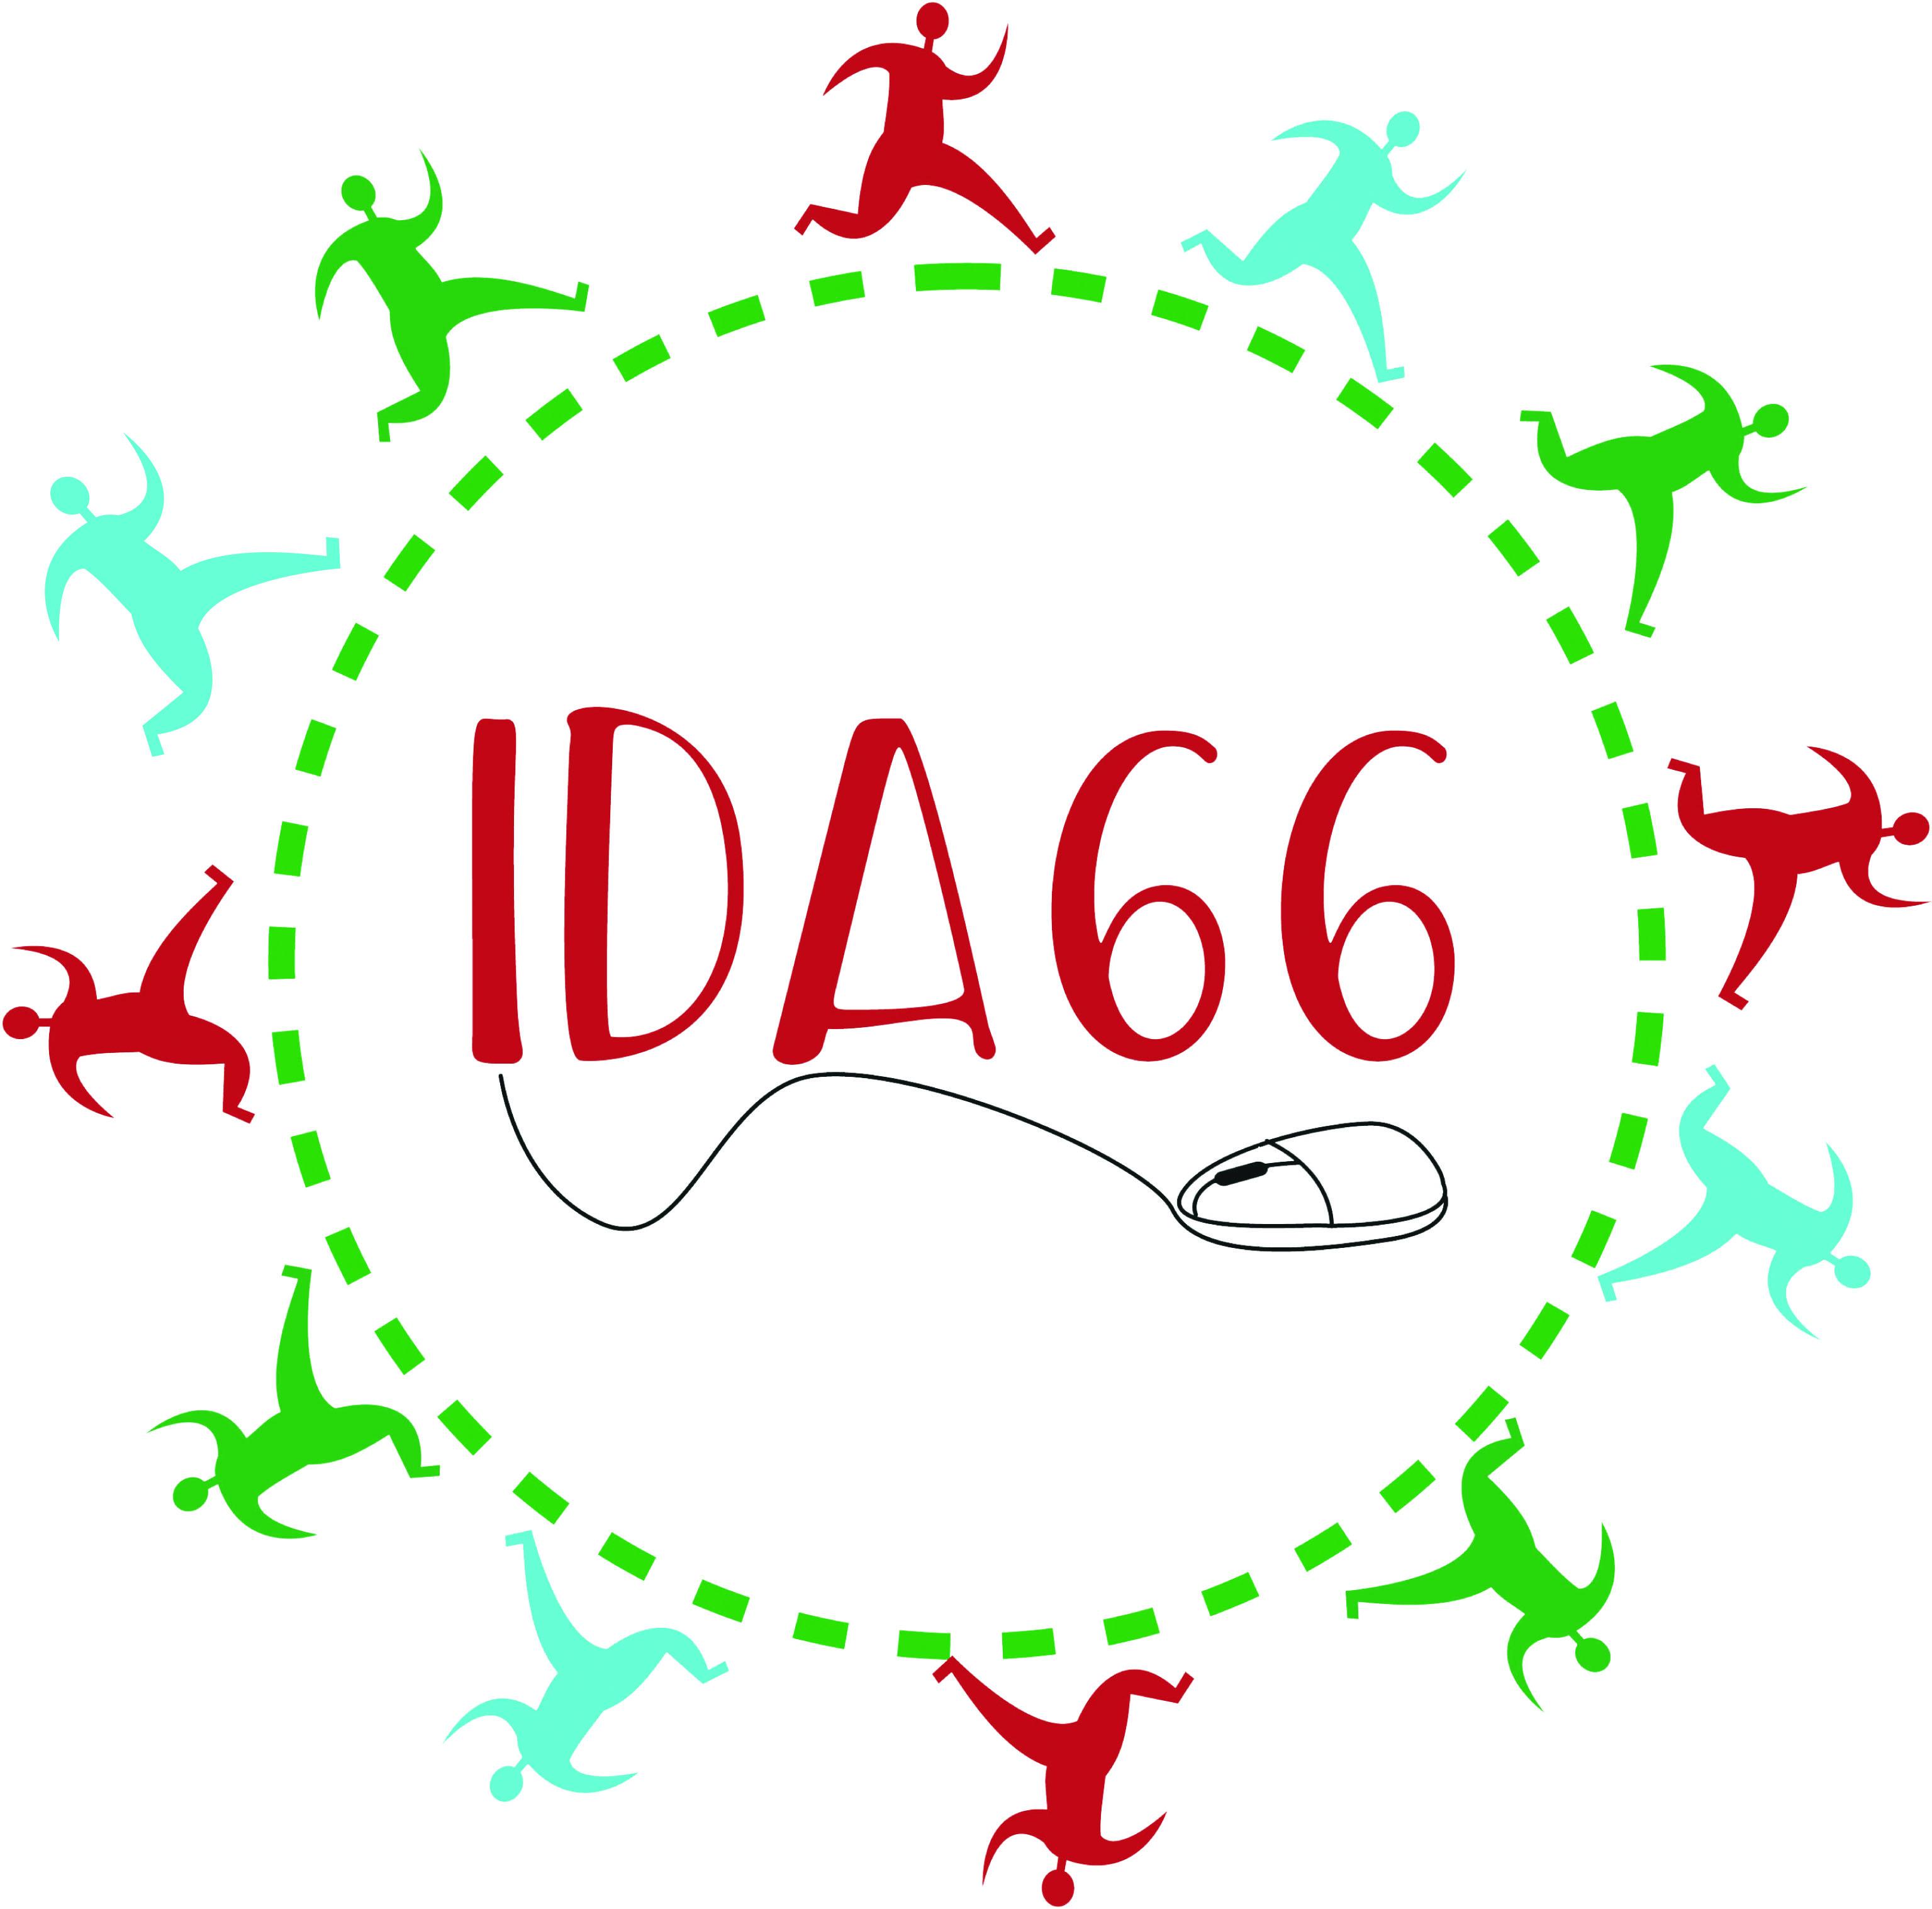 IDA66